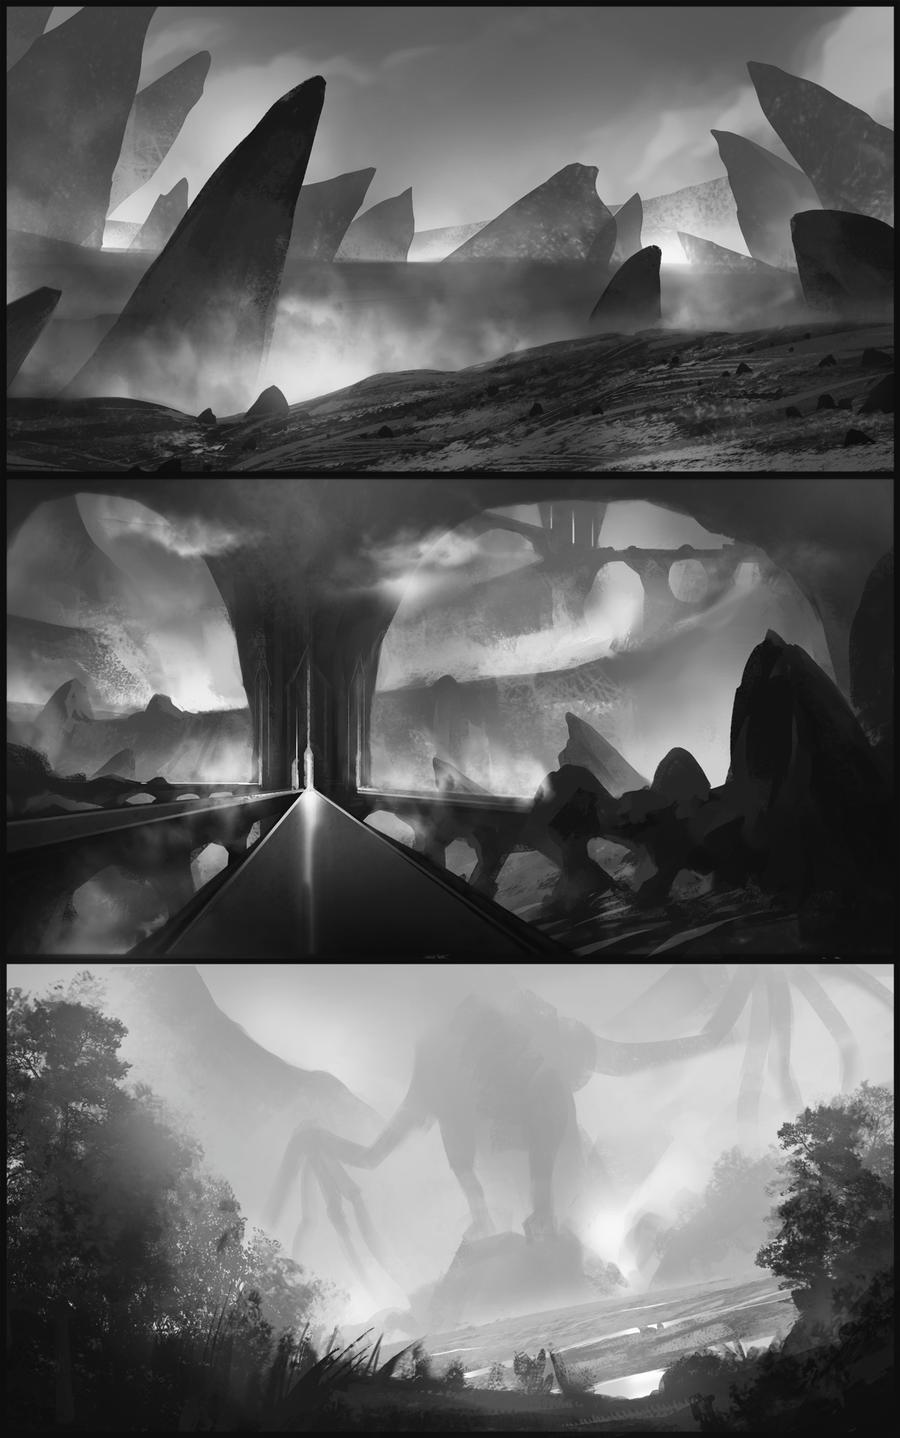 landscape sketches by SebastianWagner